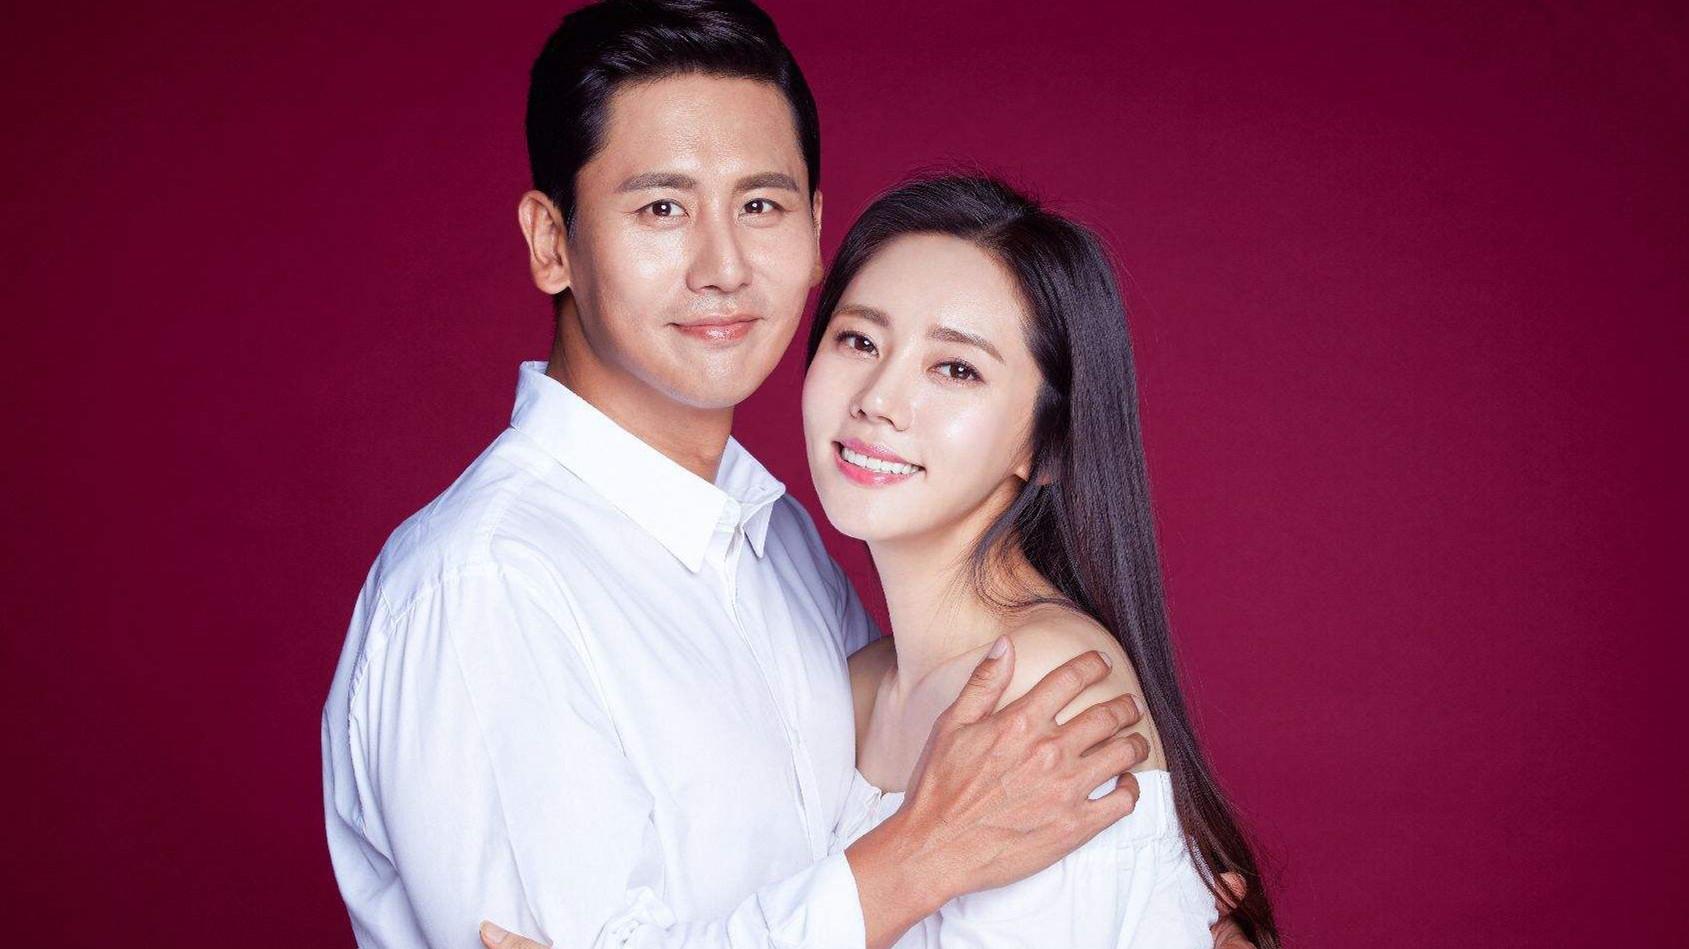 中国CP拉高韩国节目收视率!